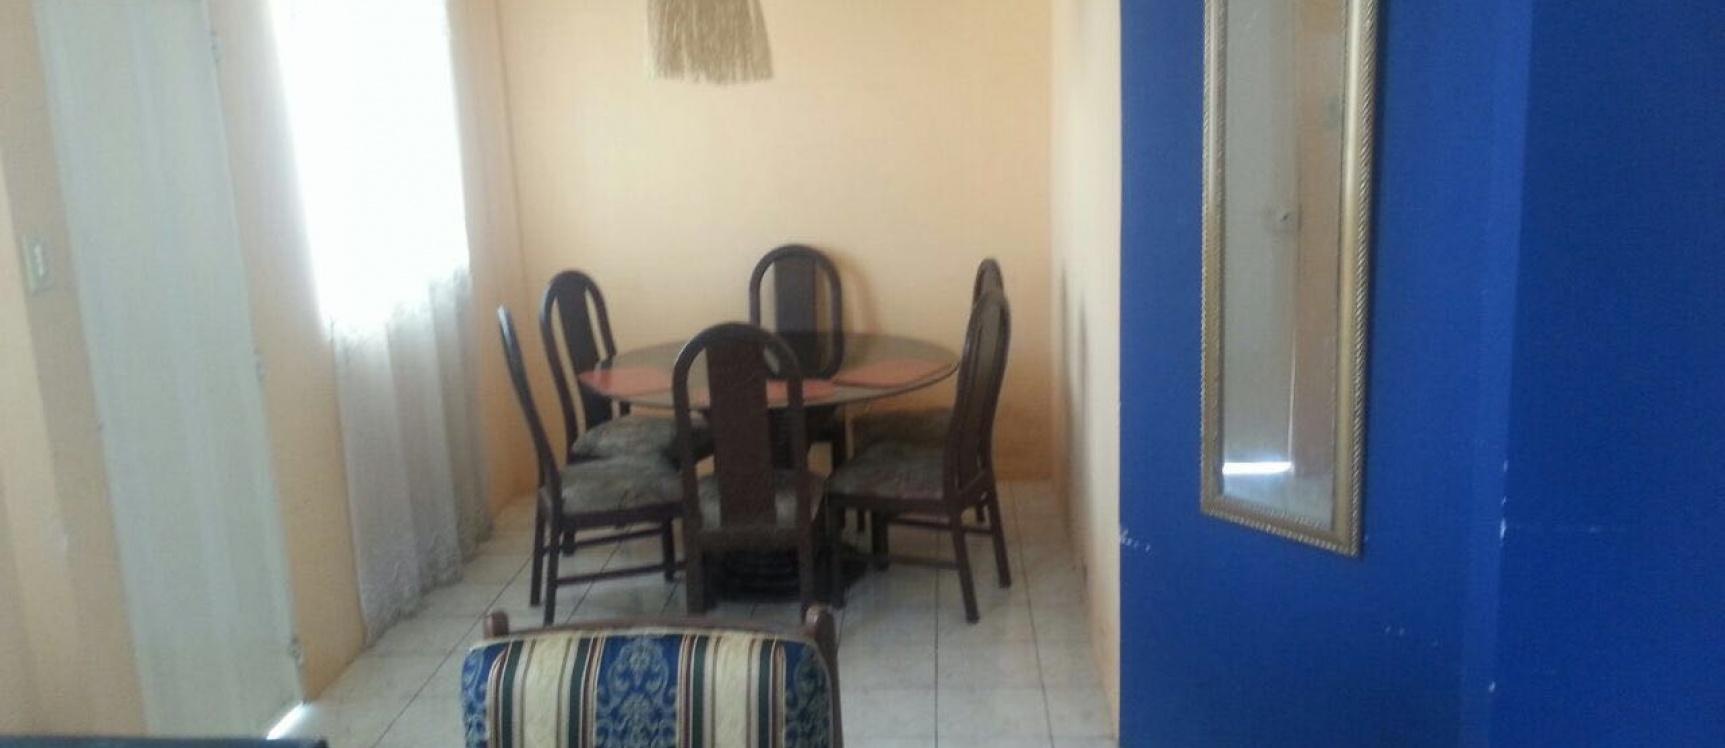 GeoBienes - Casa en Venta Vía Punta Carnero en Salinas, Ecuador - Plusvalia Guayaquil Casas de venta y alquiler Inmobiliaria Ecuador